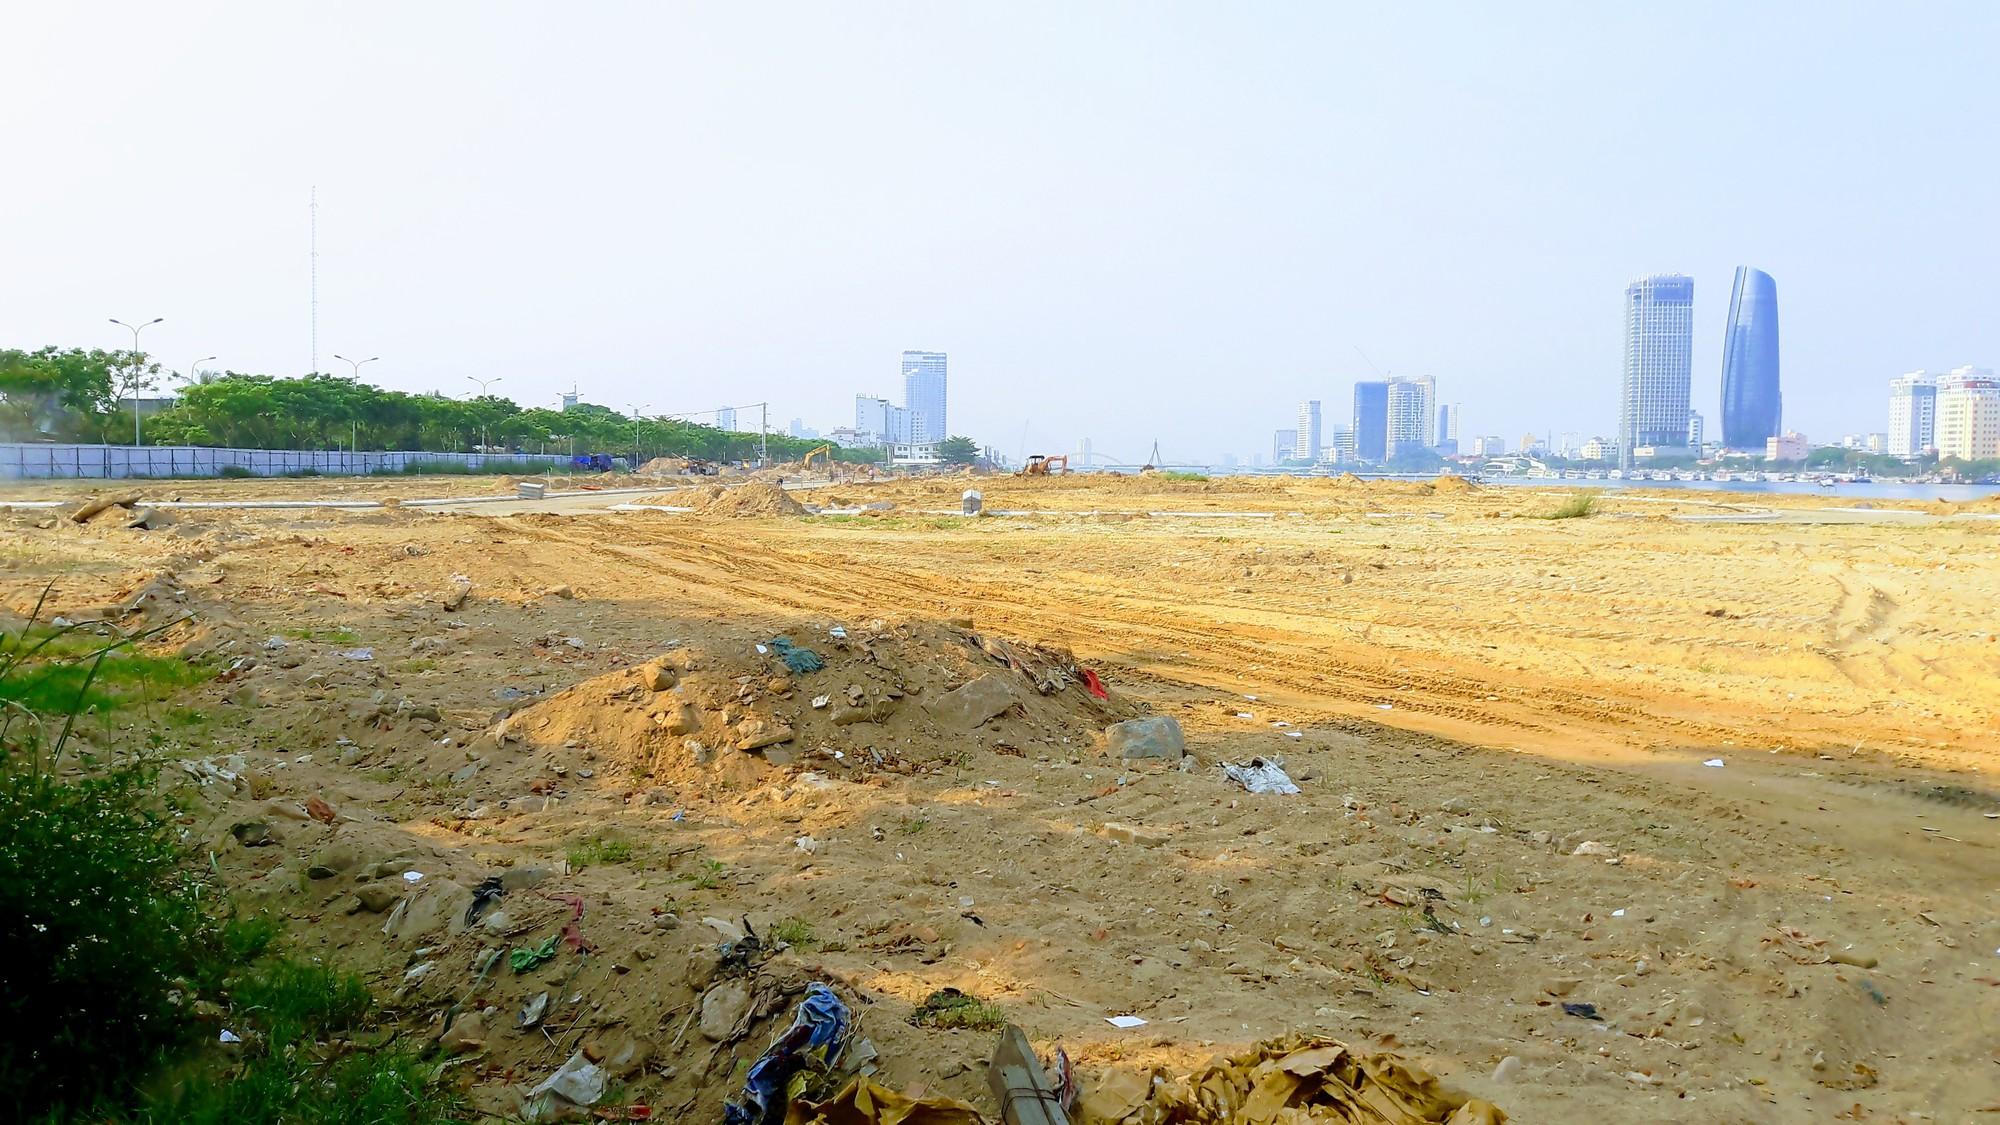 Chủ đầu tư hai dự án bất động sản lấn sông Hàn thống nhất dành khu ven sông làm công viên, lối đi bộ - Ảnh 11.